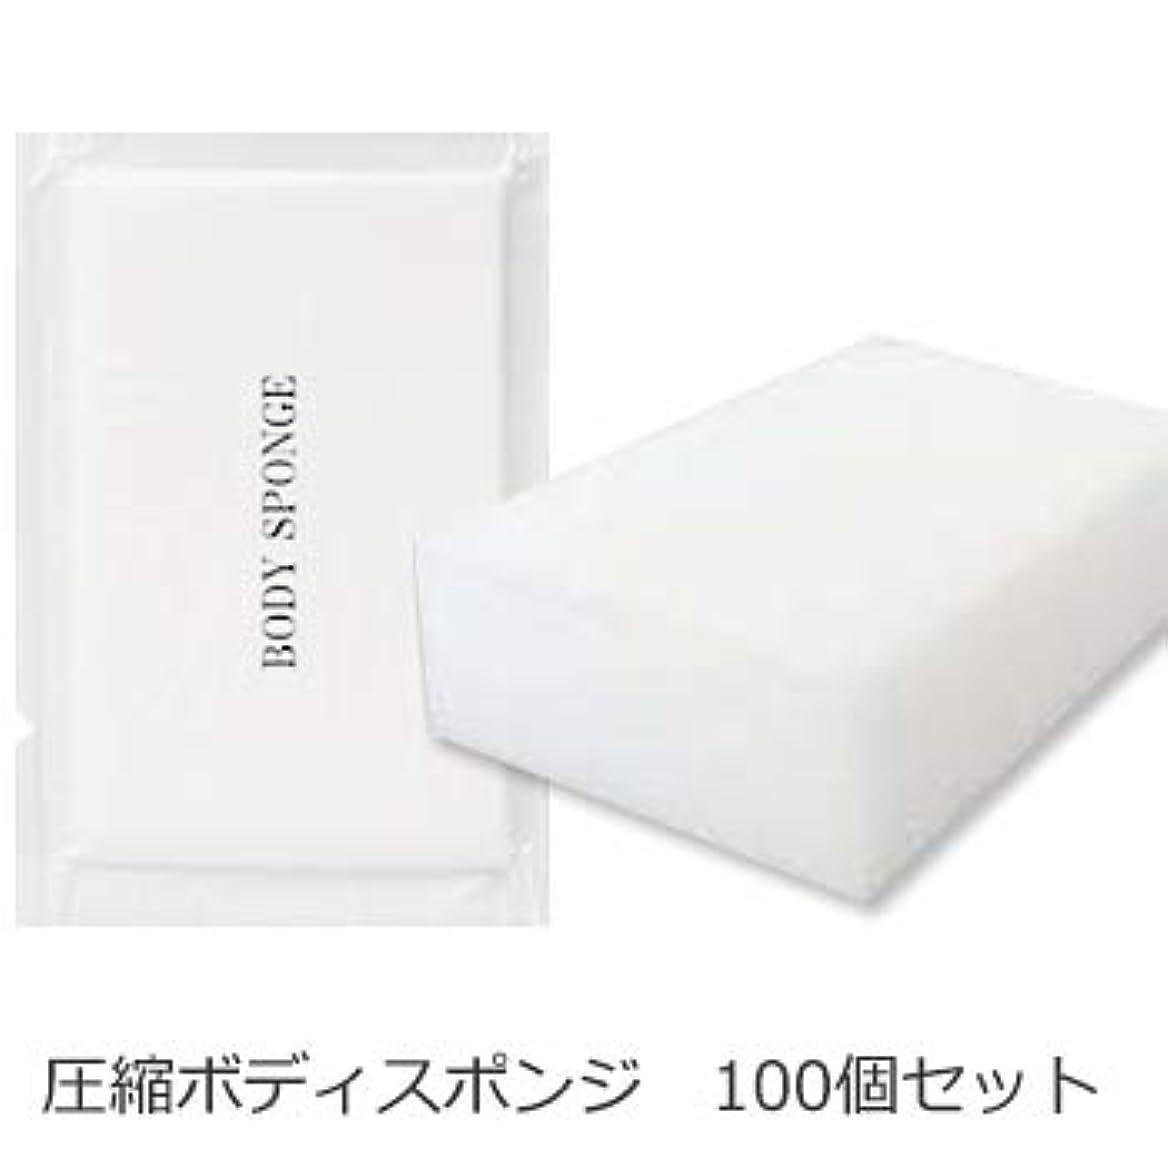 関与する最少早熟ボディスポンジ 海綿タイプ 厚み 30mm (1セット100個入)1個当たり14円税別